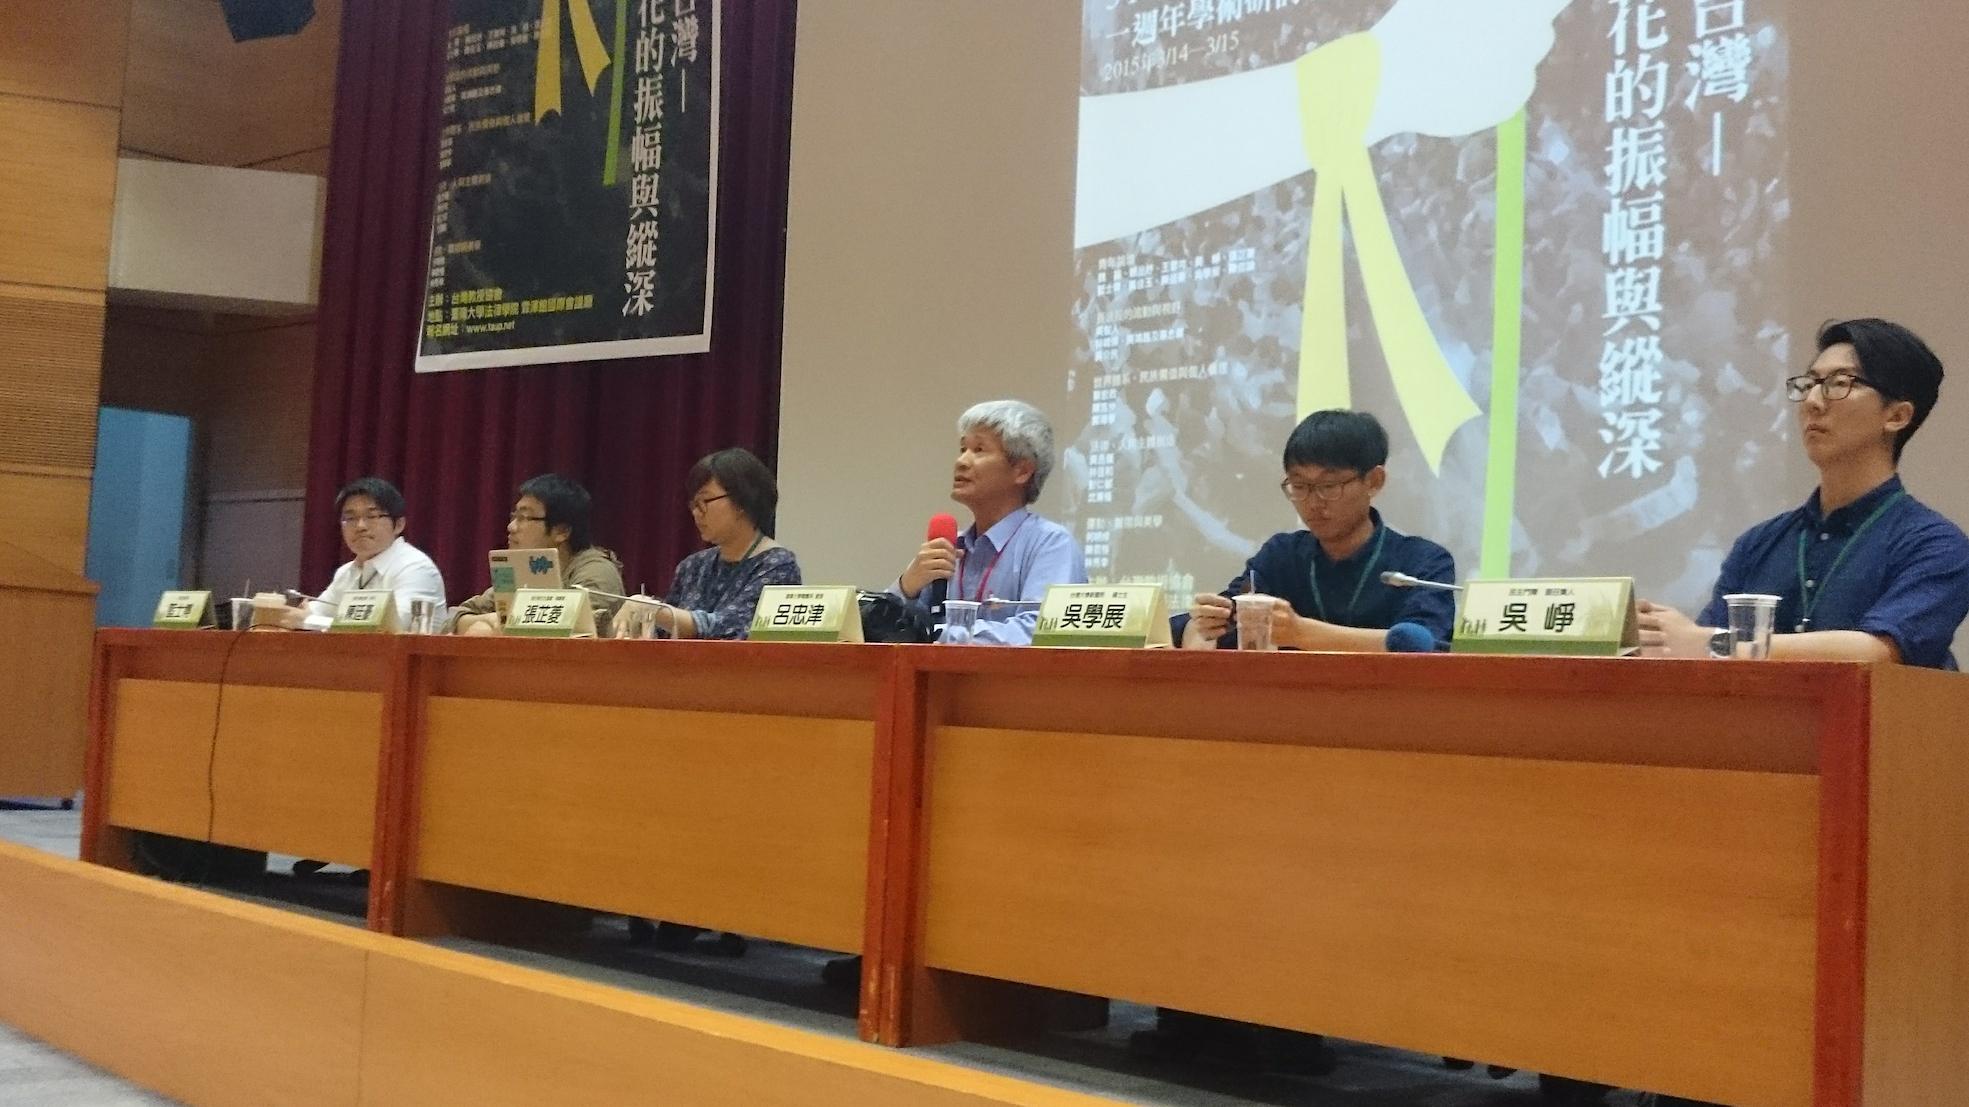 青年論壇講者(由左至右):藍士博、陳廷豪、張芷菱、呂忠津、吳學展、吳崢